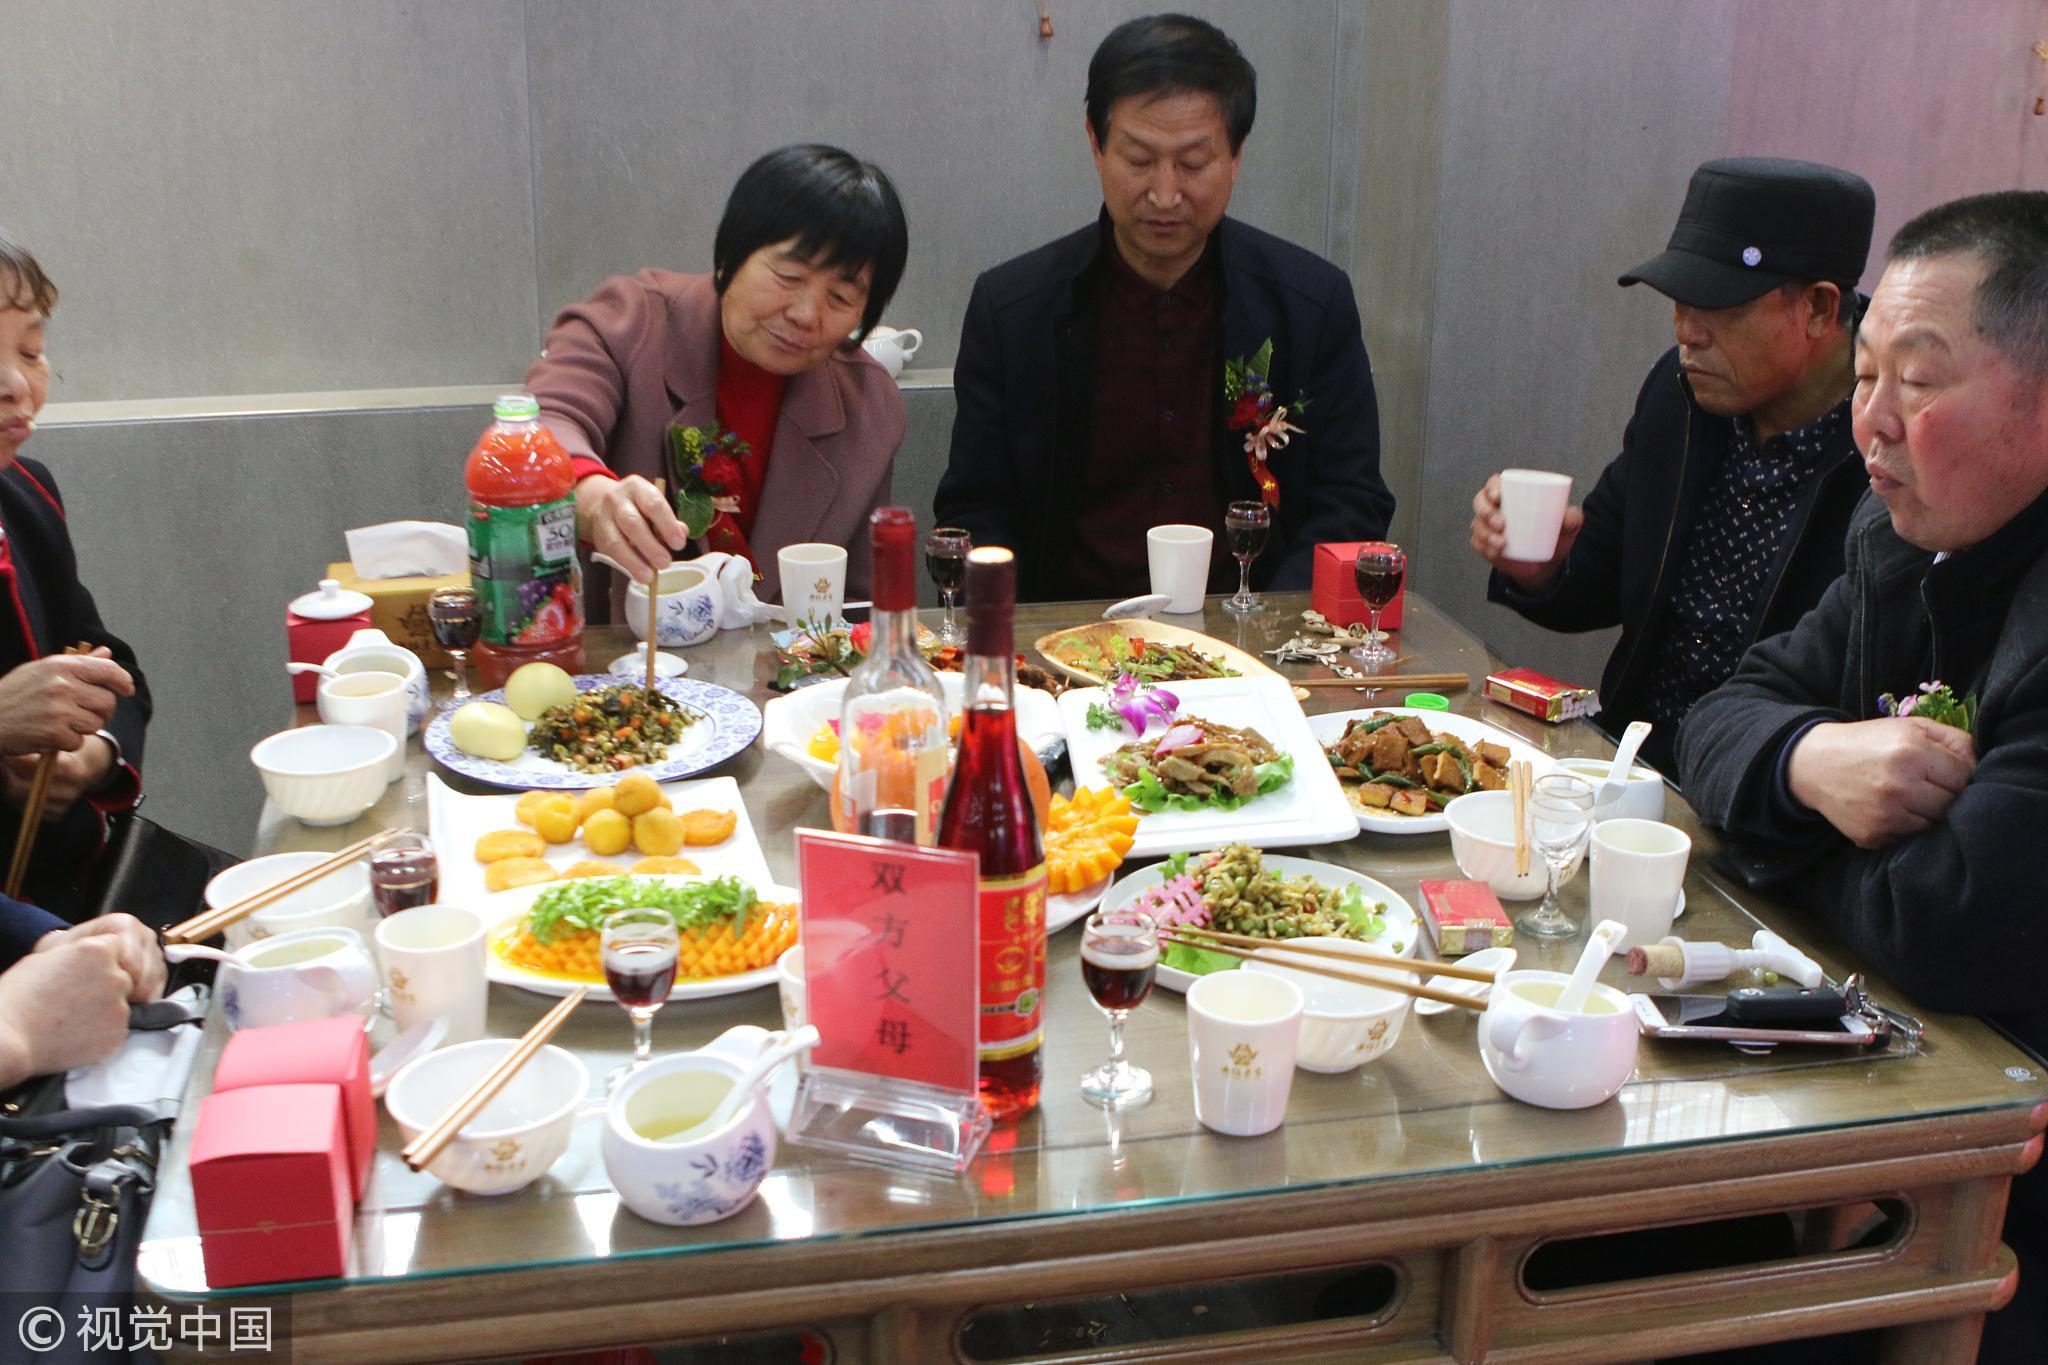 新婚夫妻婚礼:婚宴20道菜全是素食!!! - 周公乐 - xinhua8848 的博客